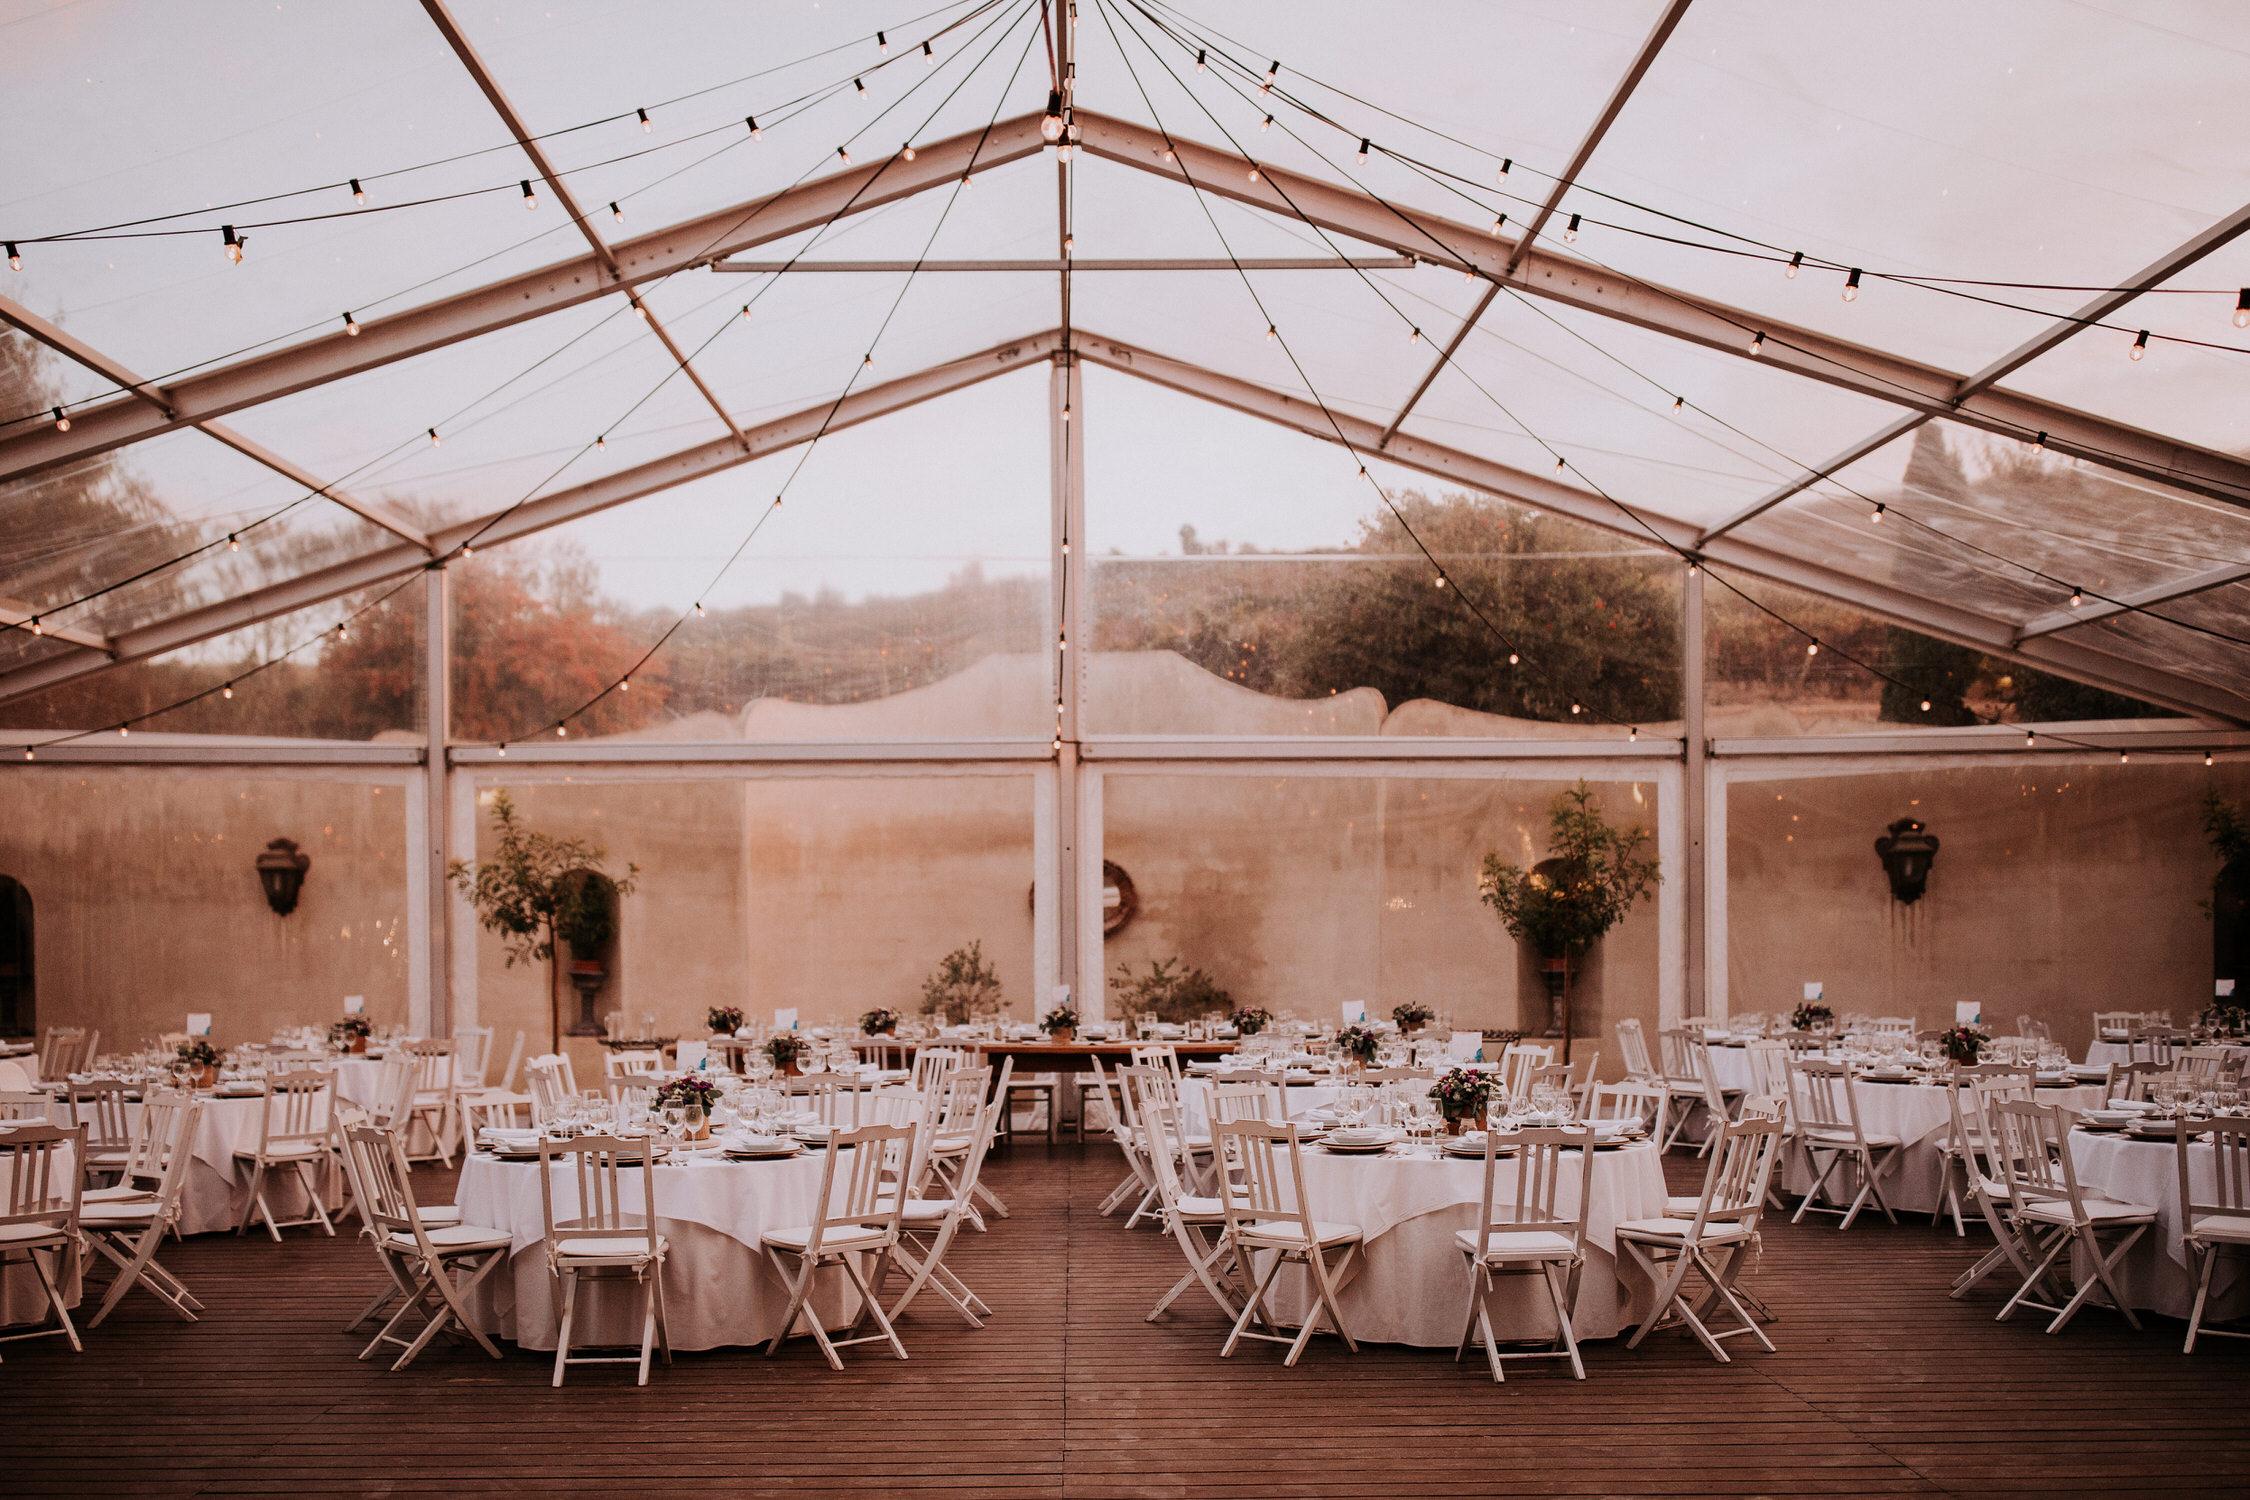 095 Filipe Santiago Fotografia Casamento wedding photographer near venue Lisbon Malveira Ericeira best Sintra Portugal destination solar de pancas alenquer amor e lima